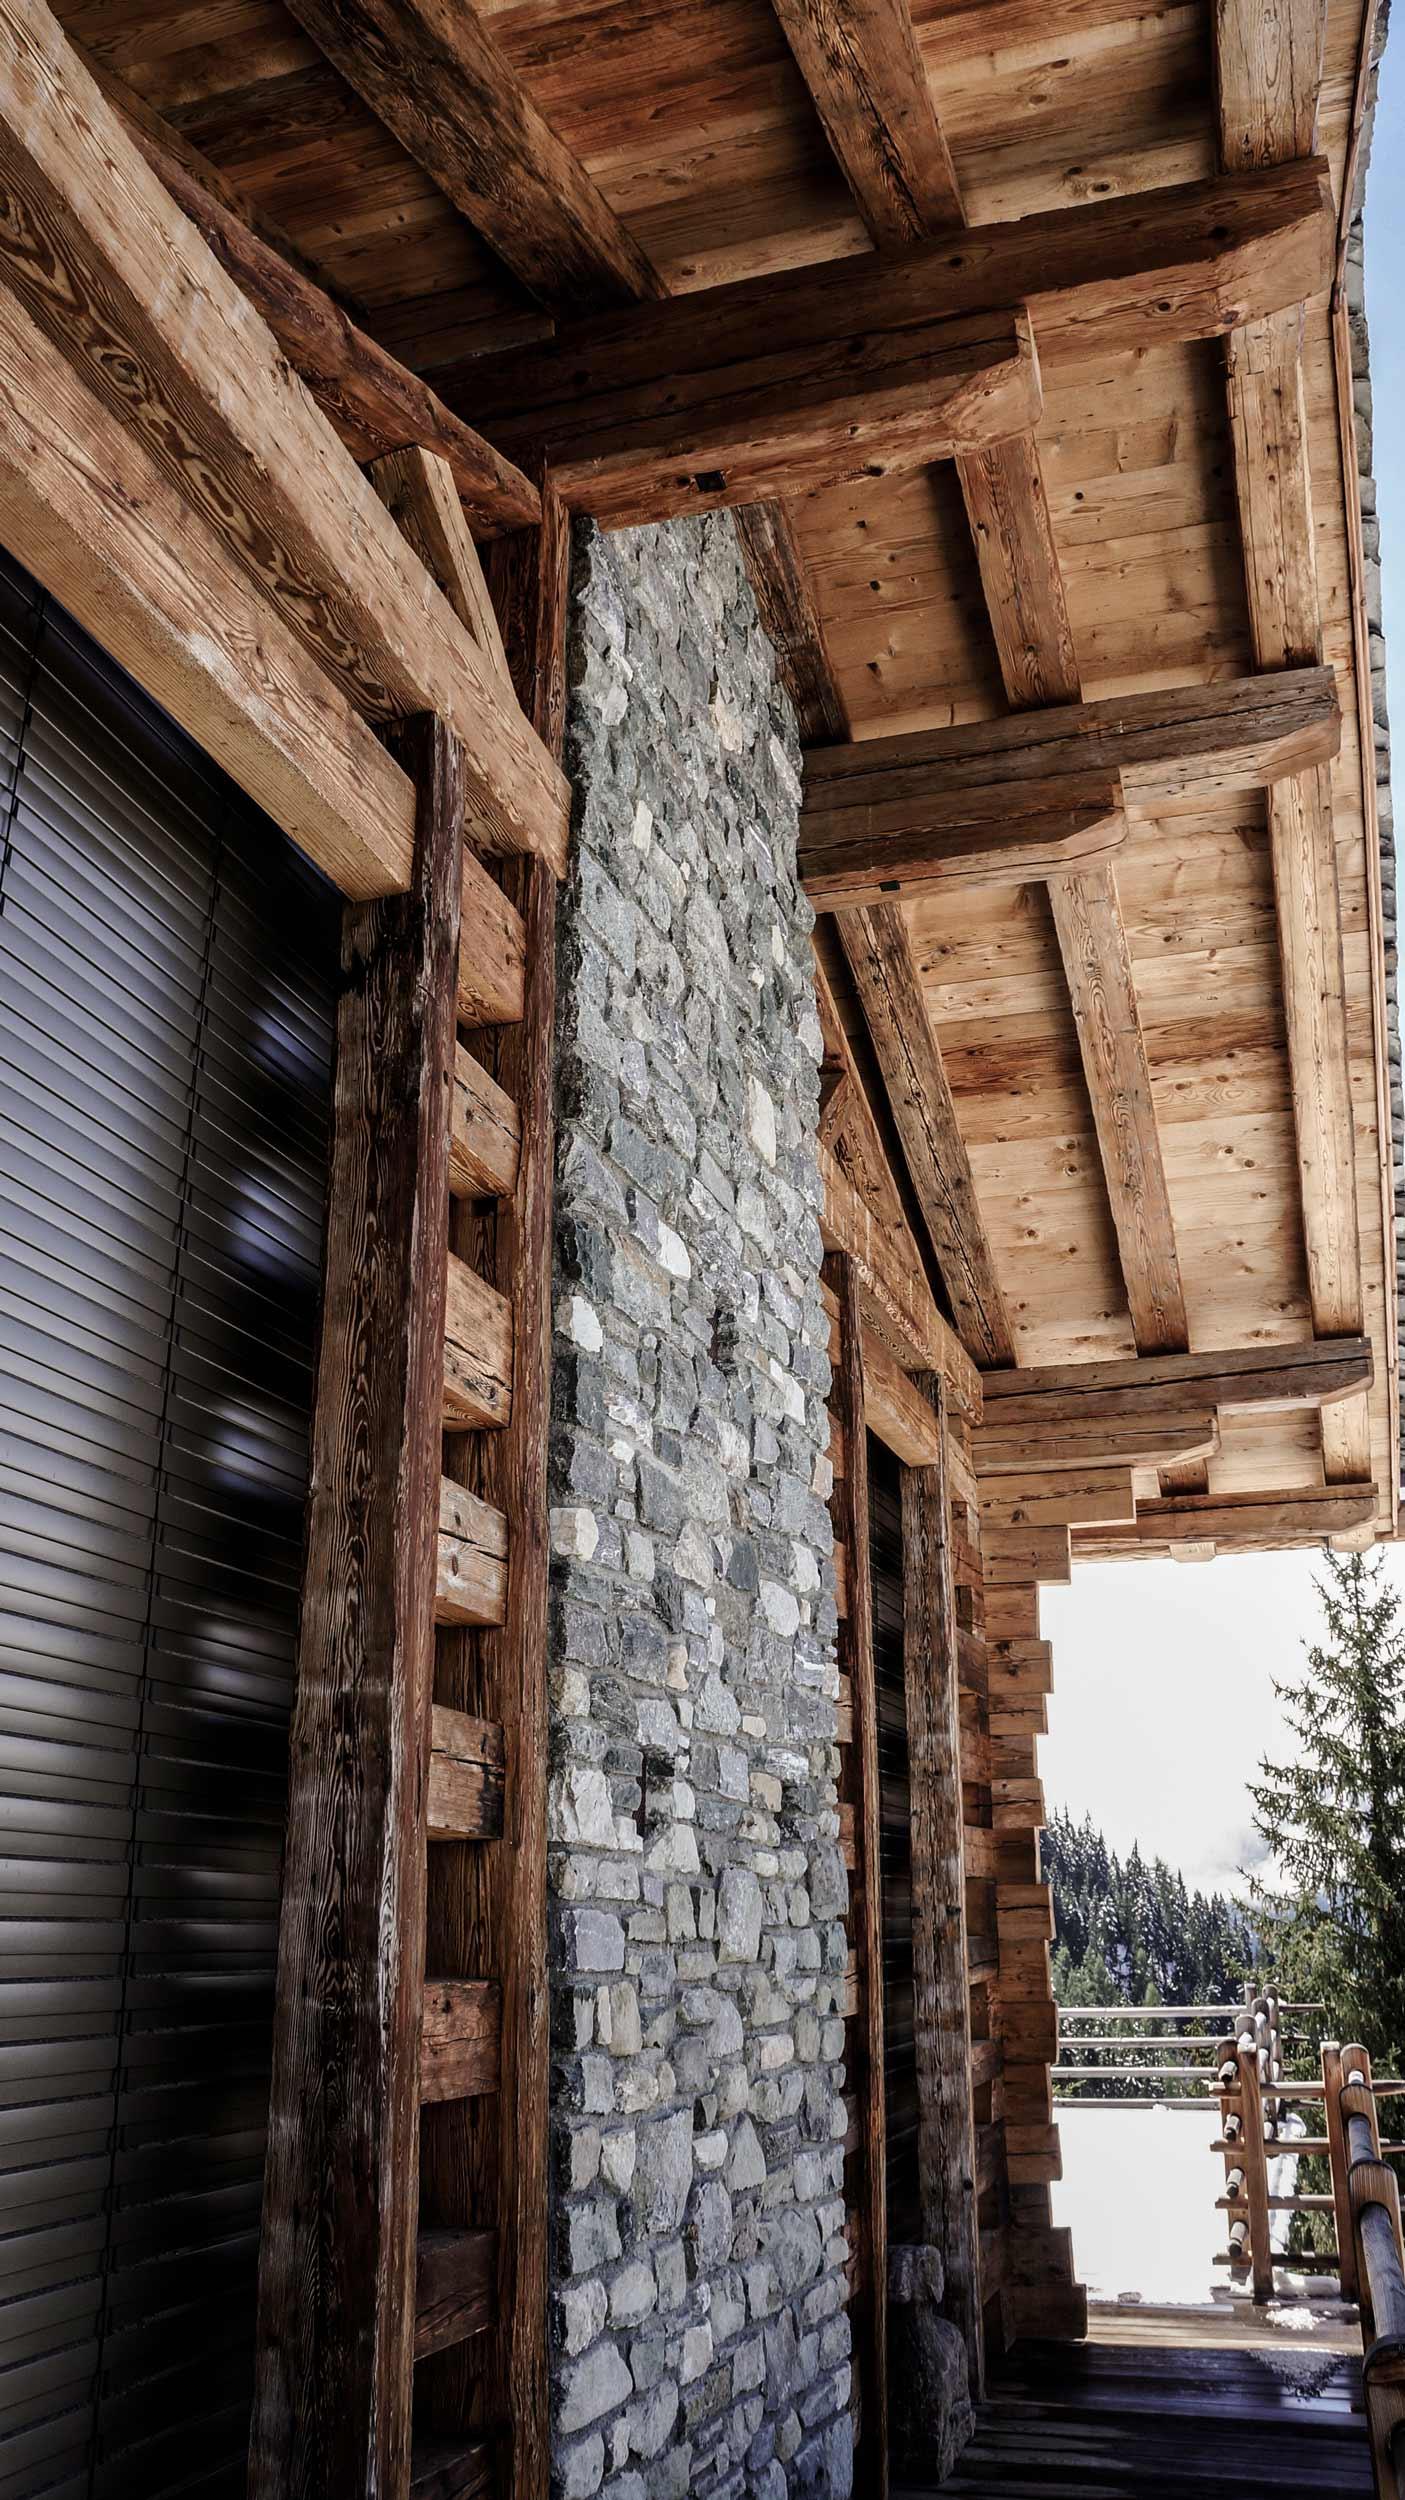 zimmerei-stoib-holzbau-holzhaus-chalet-schweiz-verbier-altholz-naturstein-glas-berge-traditionell-terrasse-13.jpg